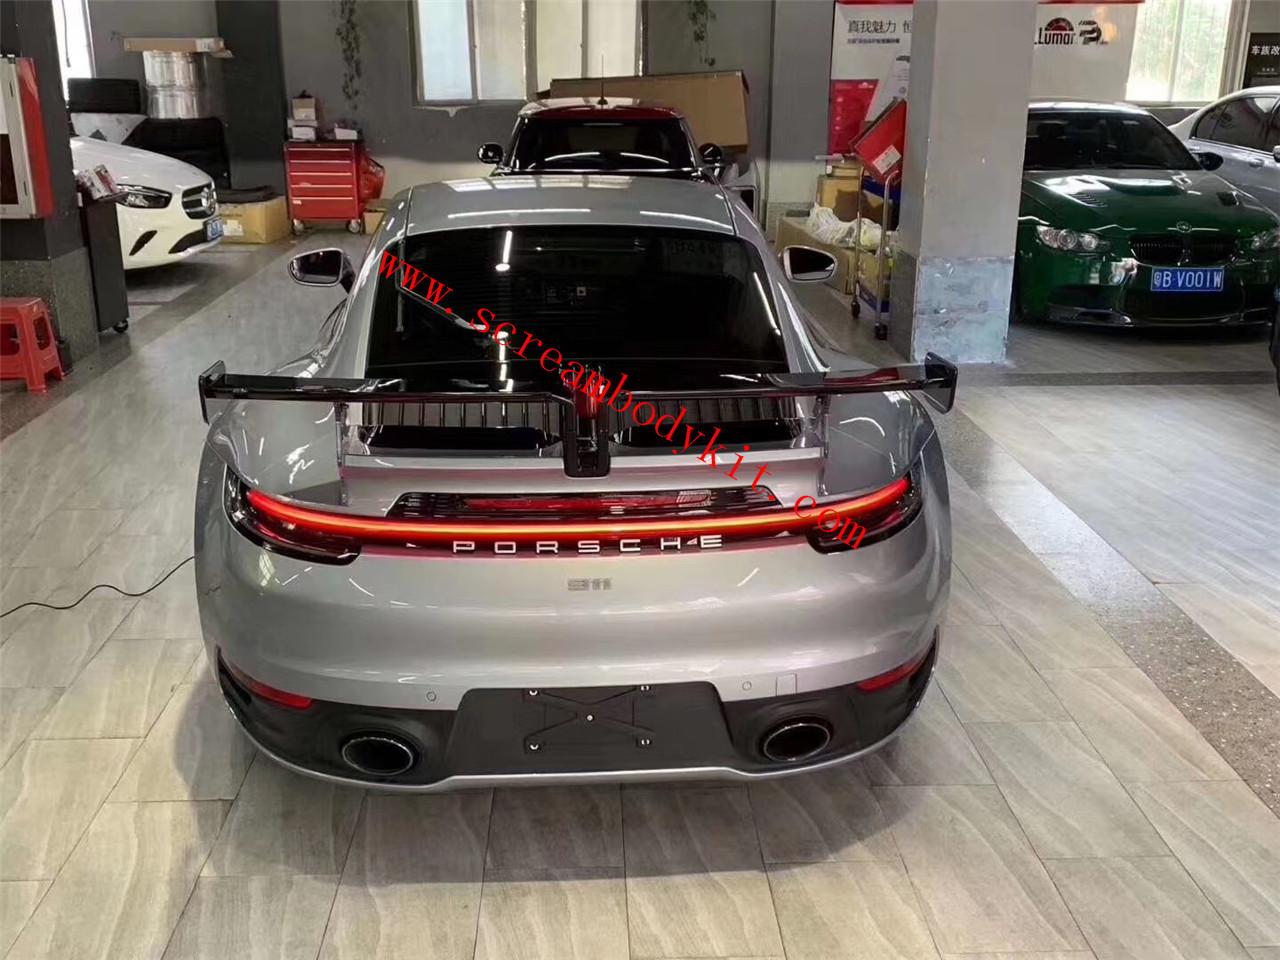 Porsche 911 992 carrear/carrear s Techart spoiler(FRP or carbon fiber)